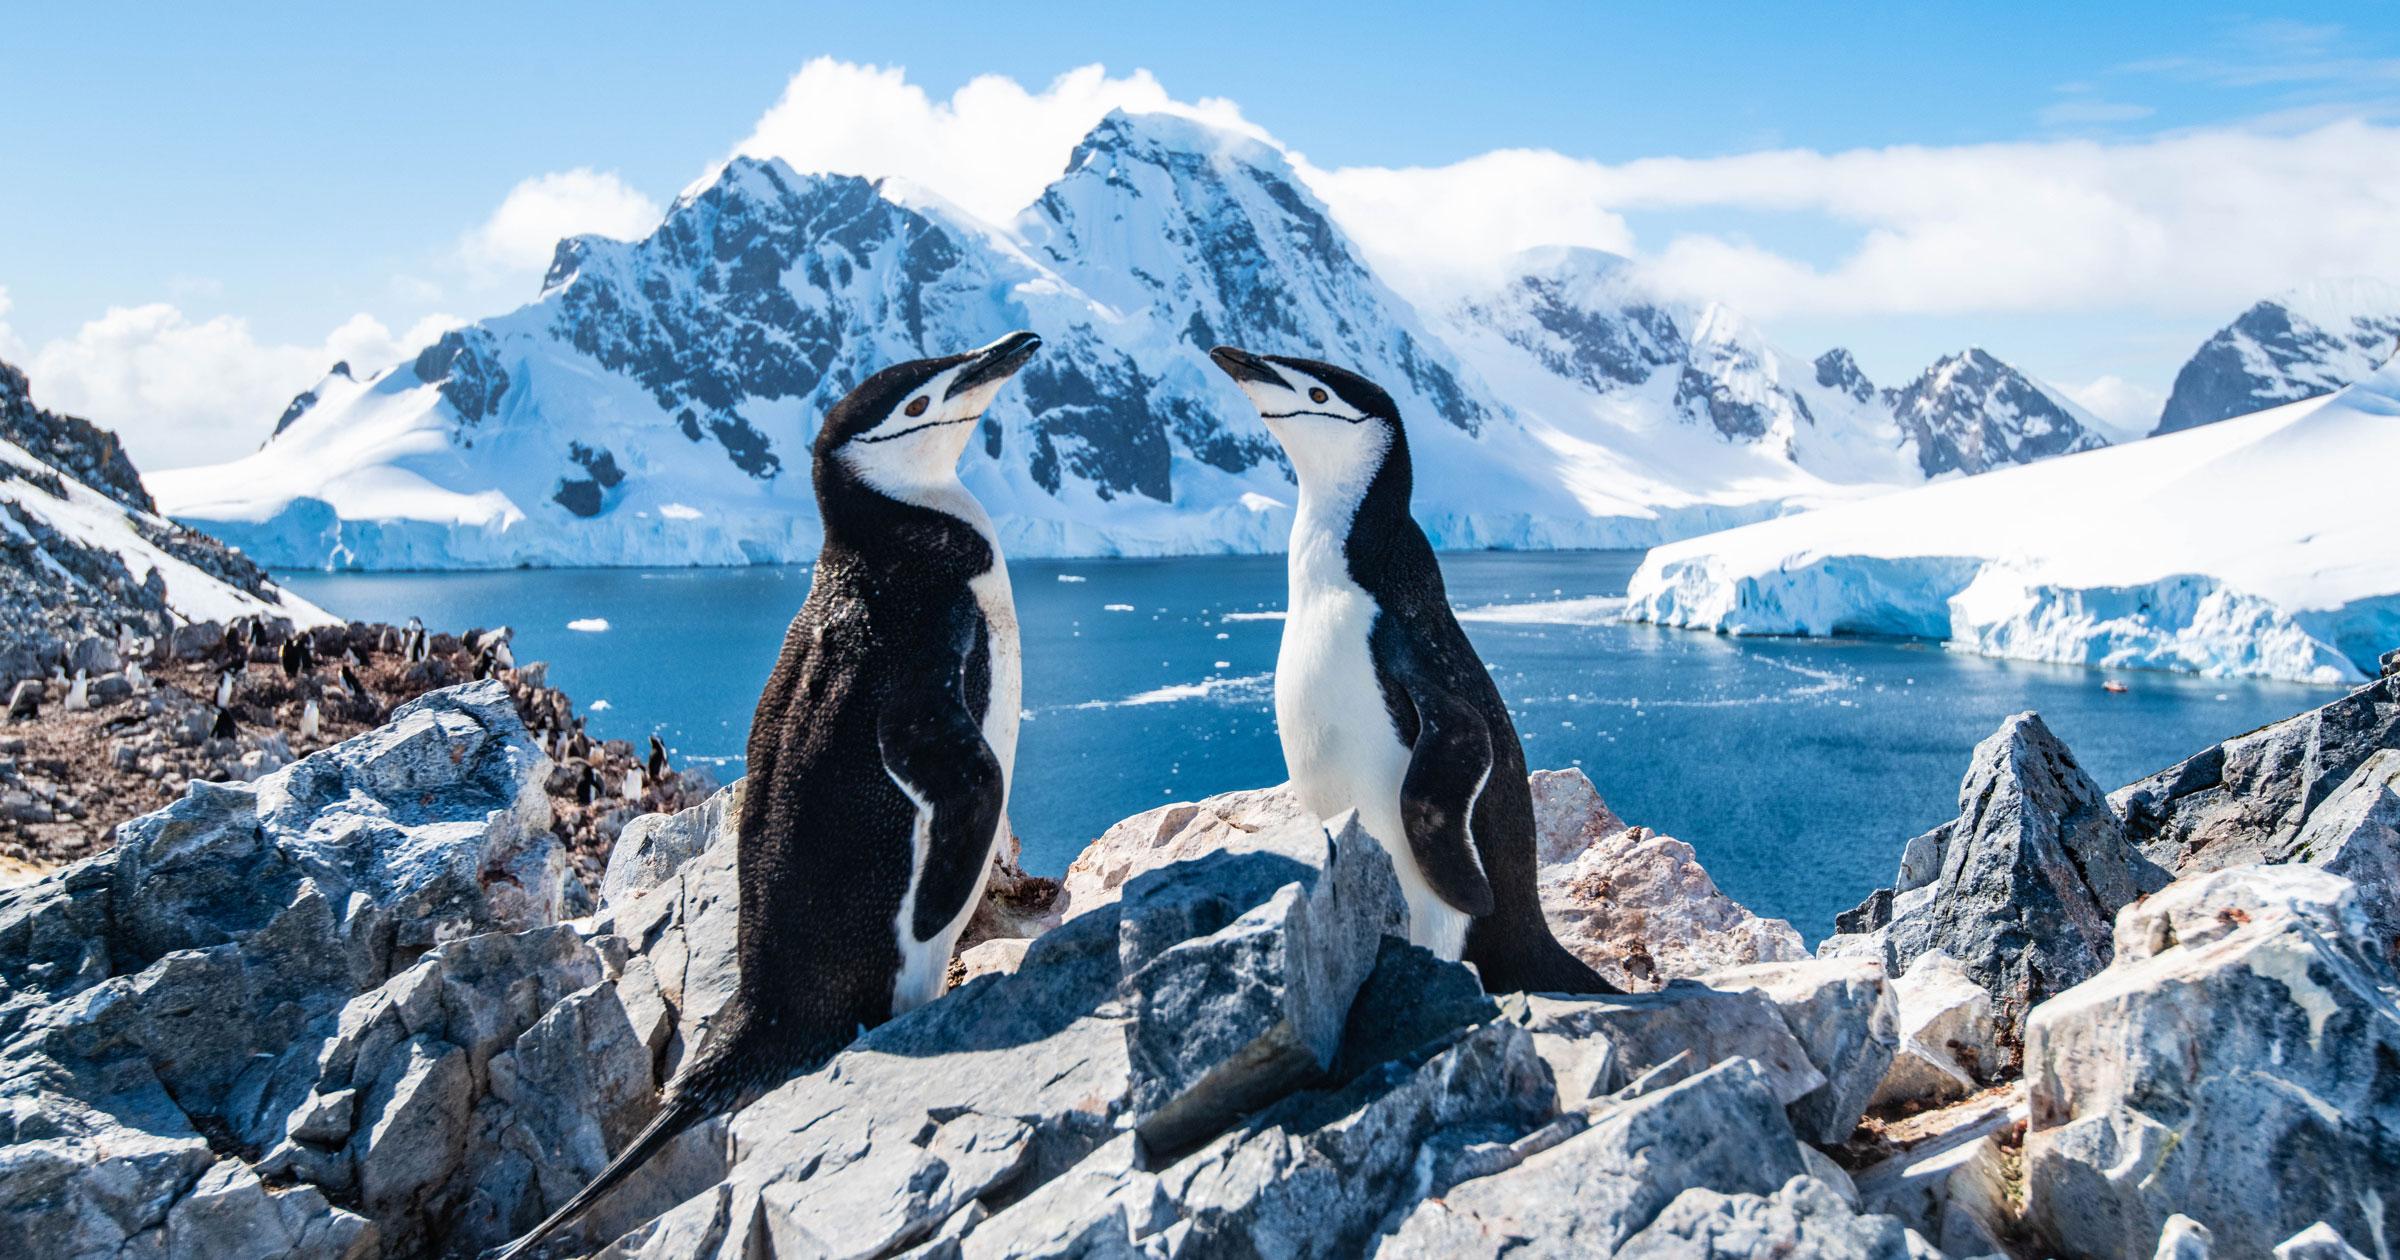 Antarctica Snow & Penguins